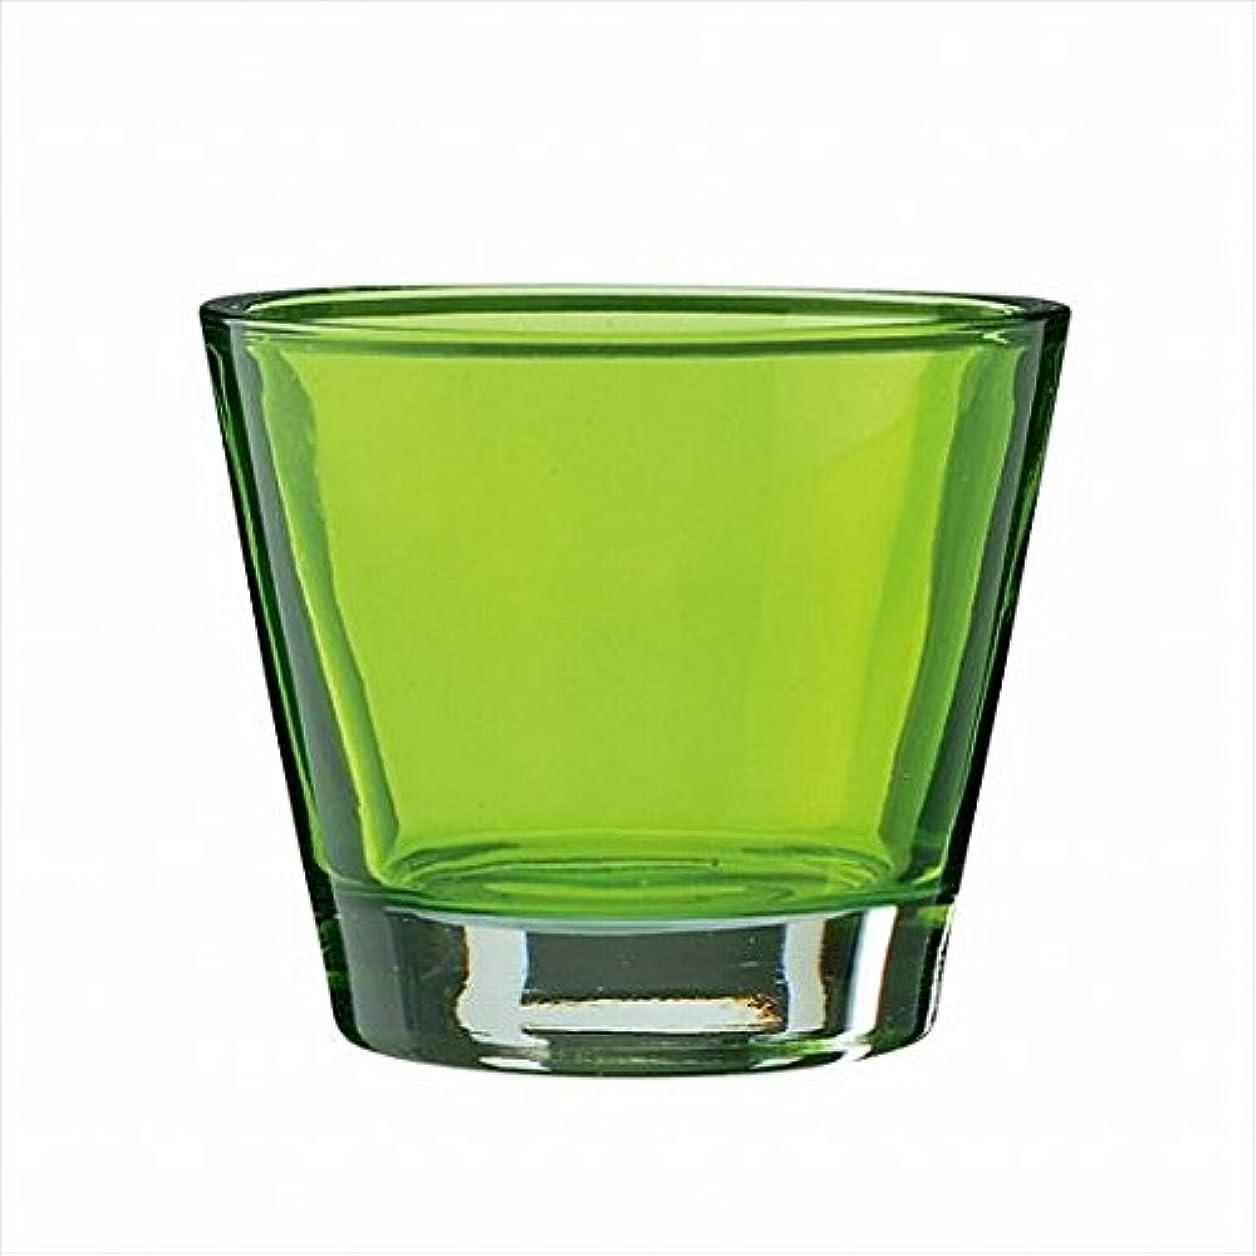 に応じてホラー縮約カメヤマキャンドル(kameyama candle) カラリス 「 グリーン 」